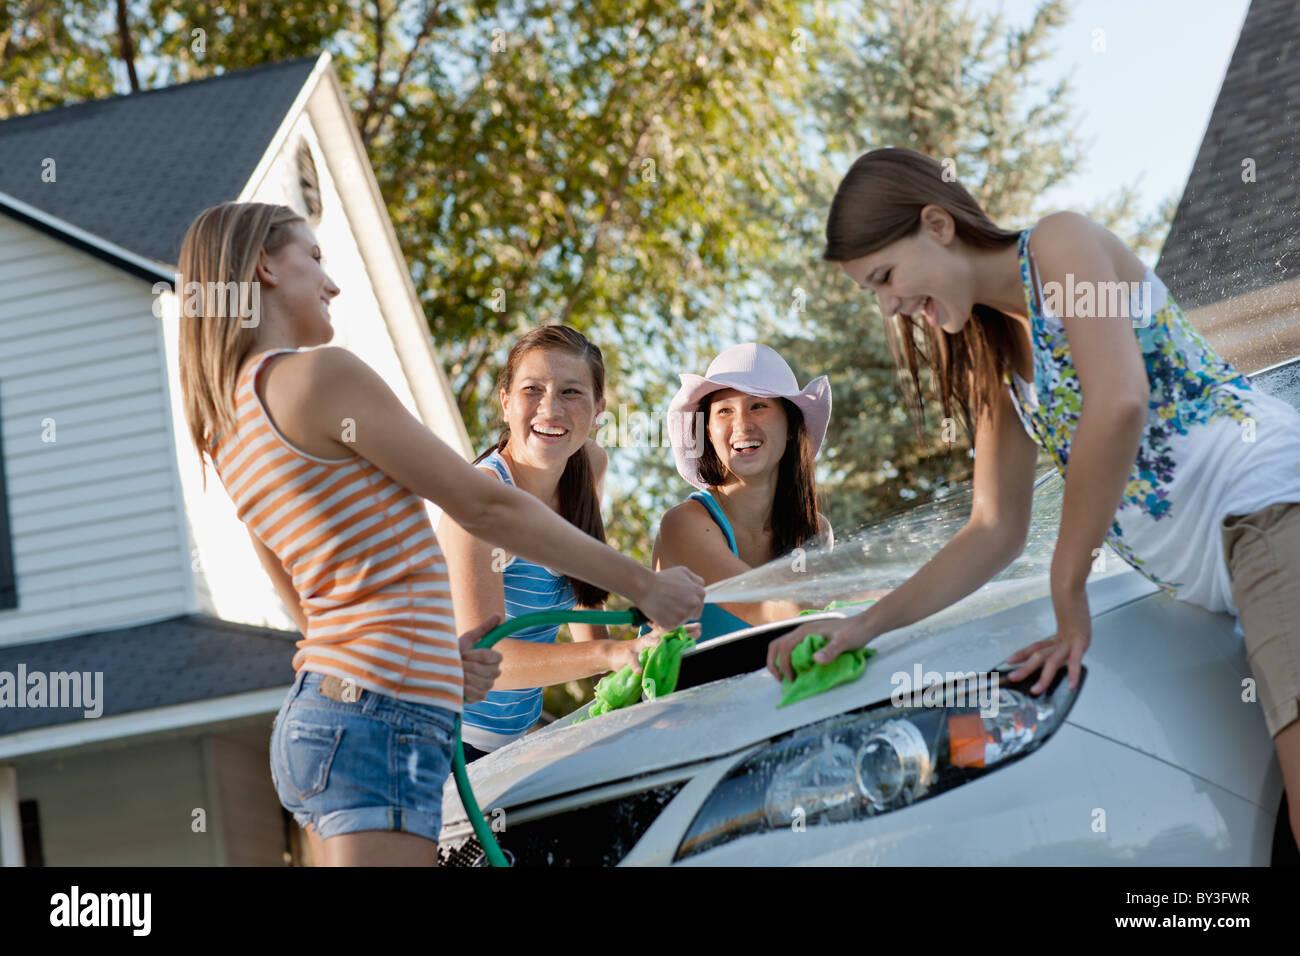 Young Girls Washing Cars